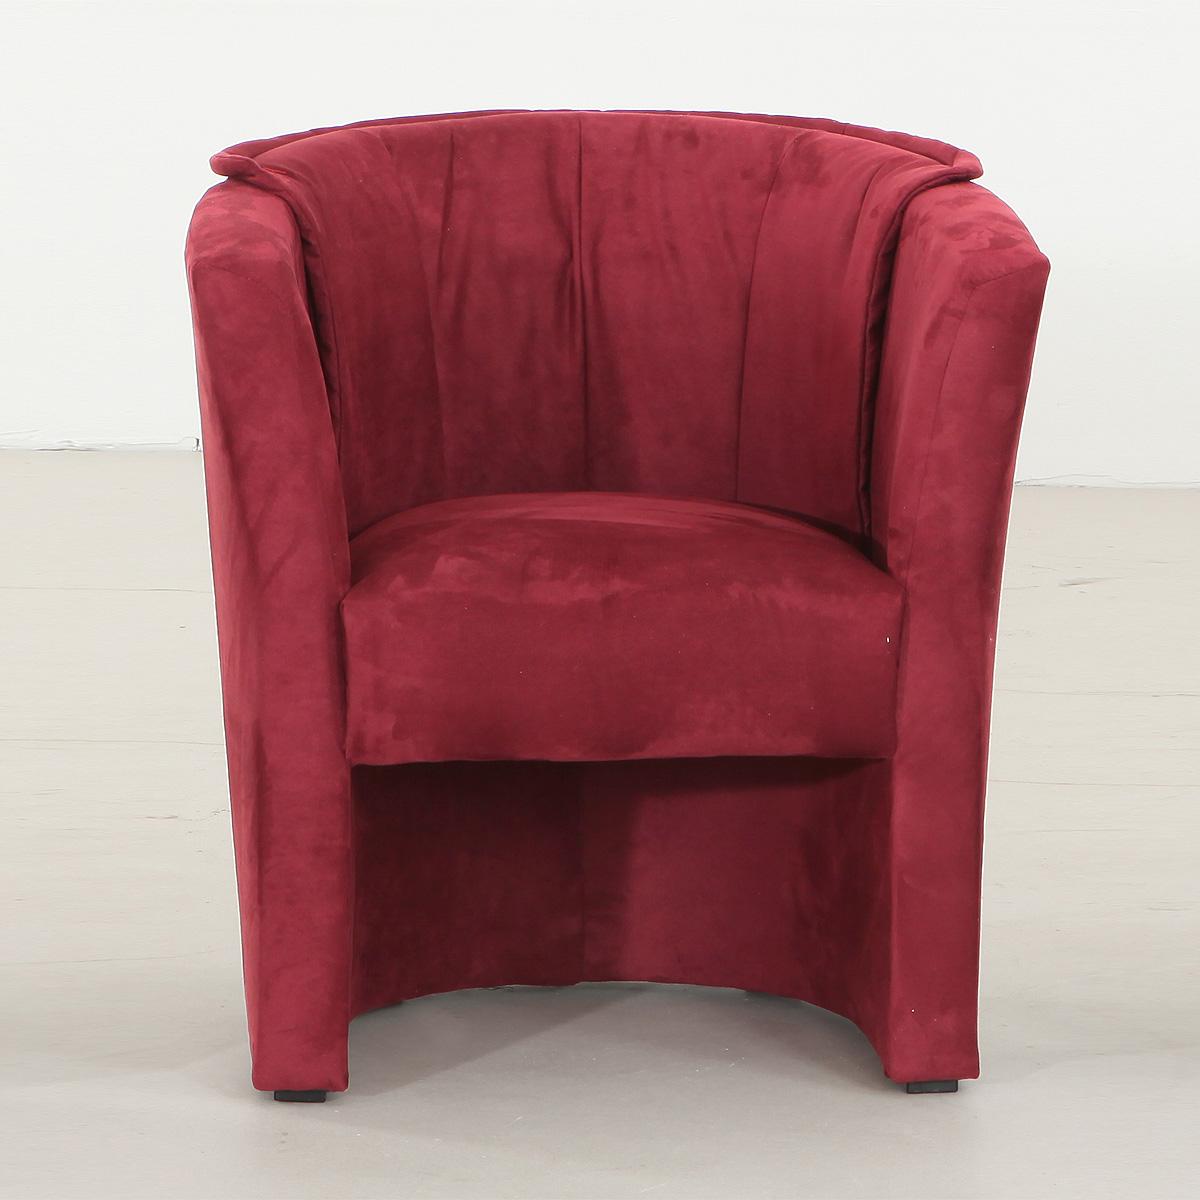 sessel lux cocktailsessel einzelsessel in rot 75 83 67 cm. Black Bedroom Furniture Sets. Home Design Ideas